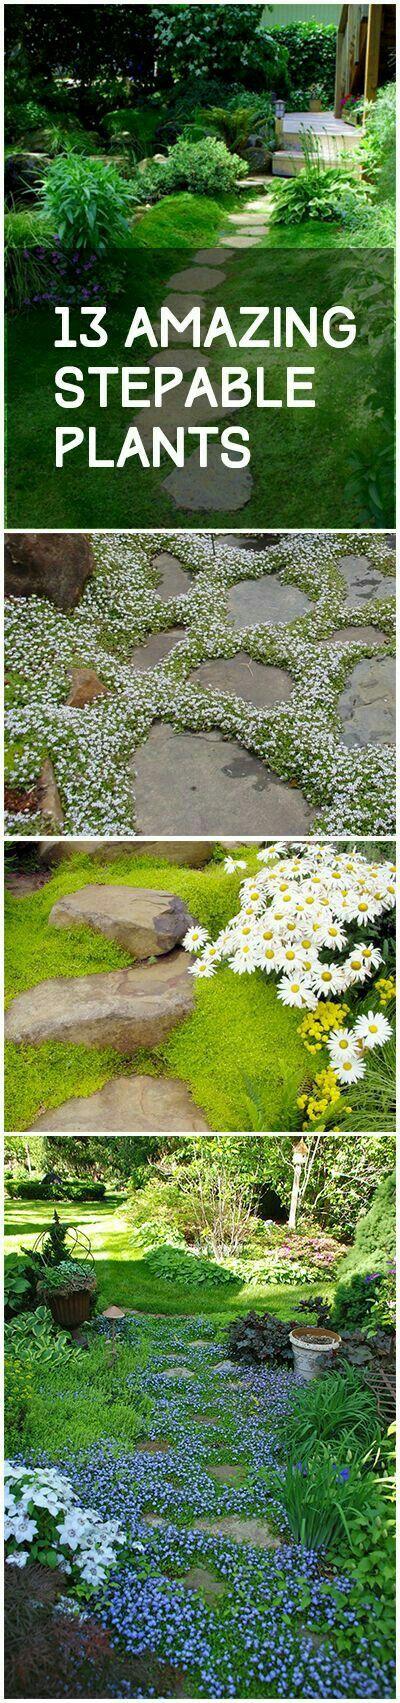 Stepable plants for the bare foot gardener